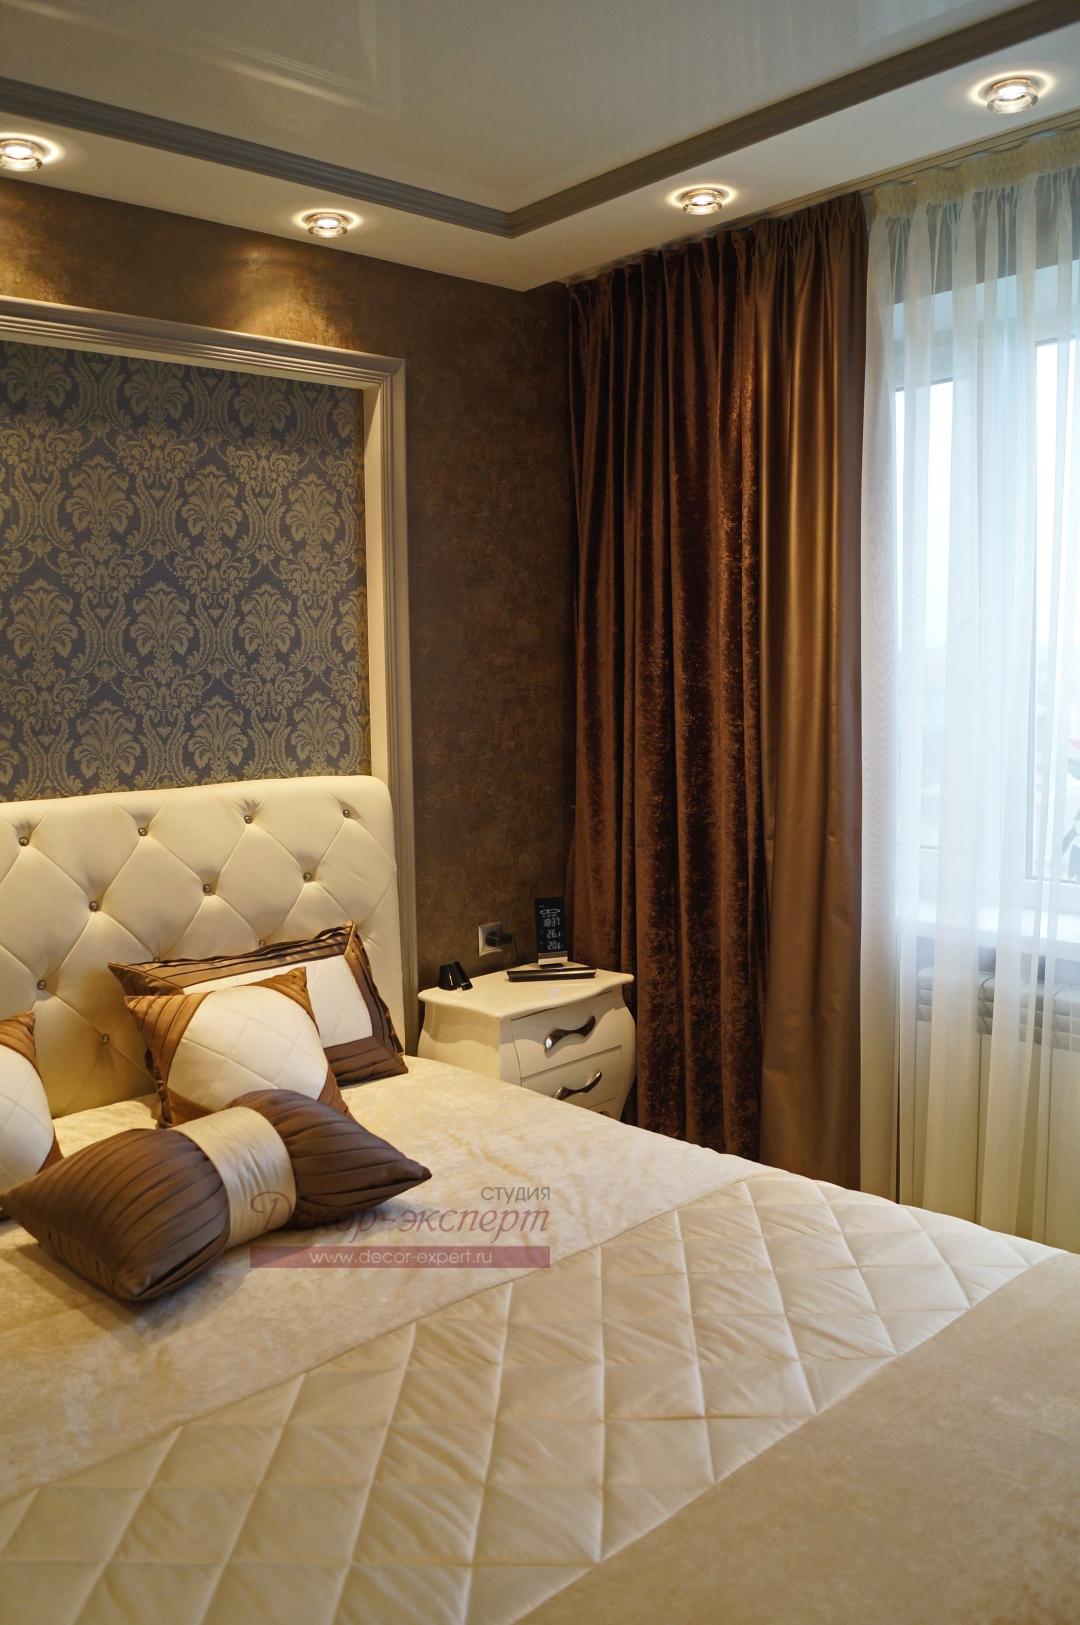 Декоративные подушки и покрывало для спальни в Сызрани.